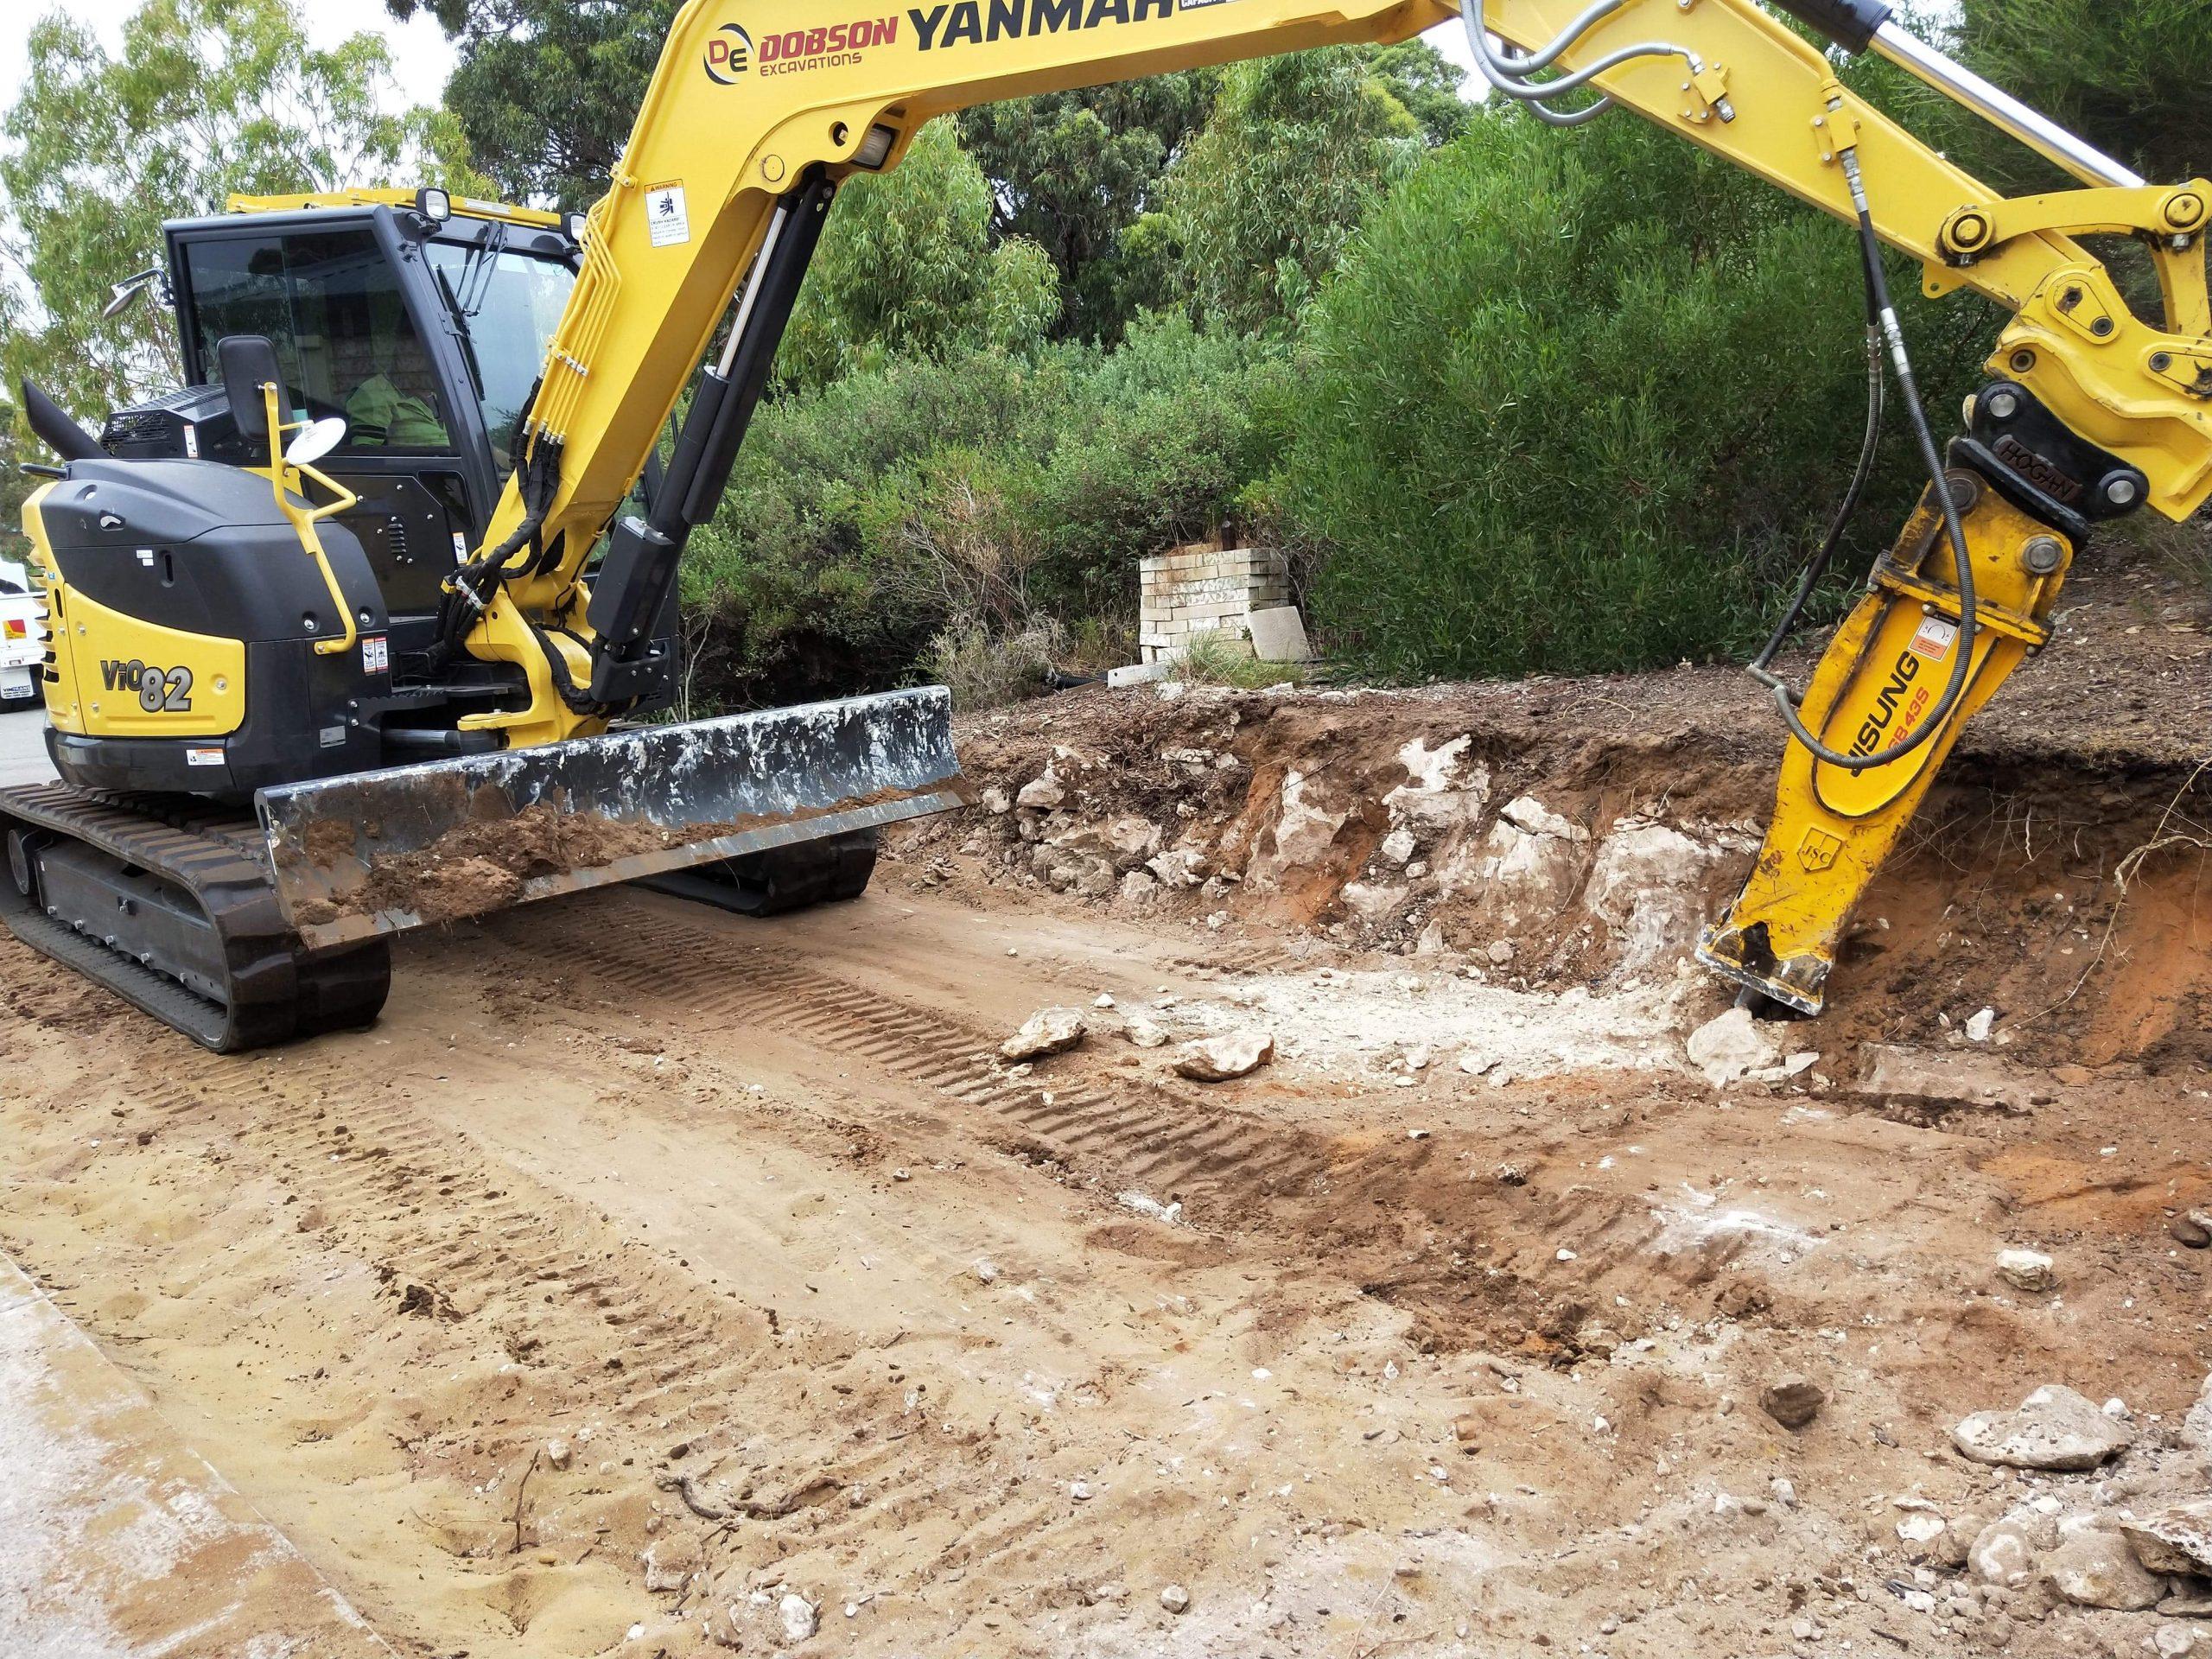 8-Ton-Excavator-Hire